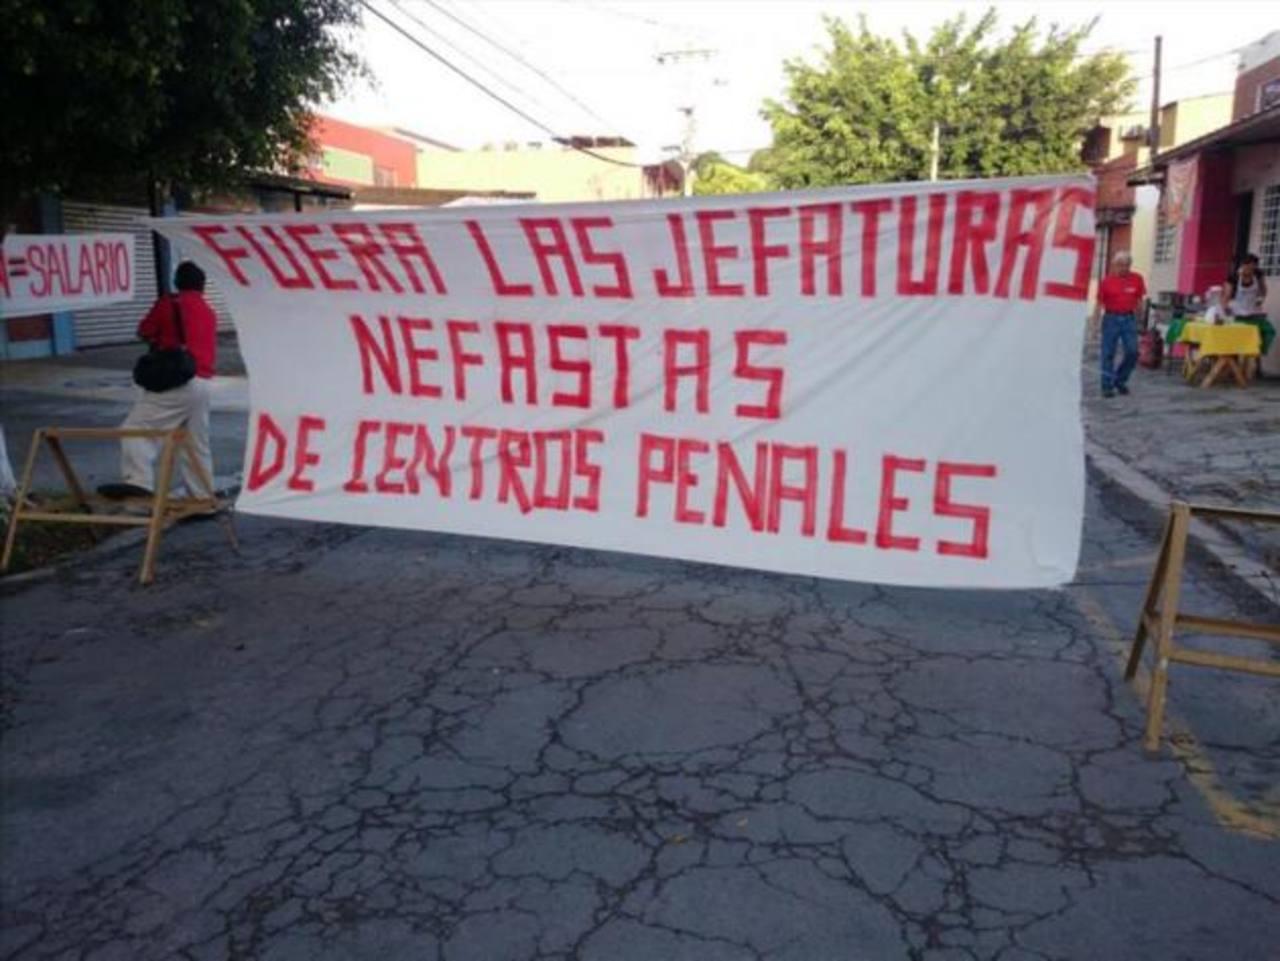 Juzgado declara ilegal huelga de empleados de centros penales